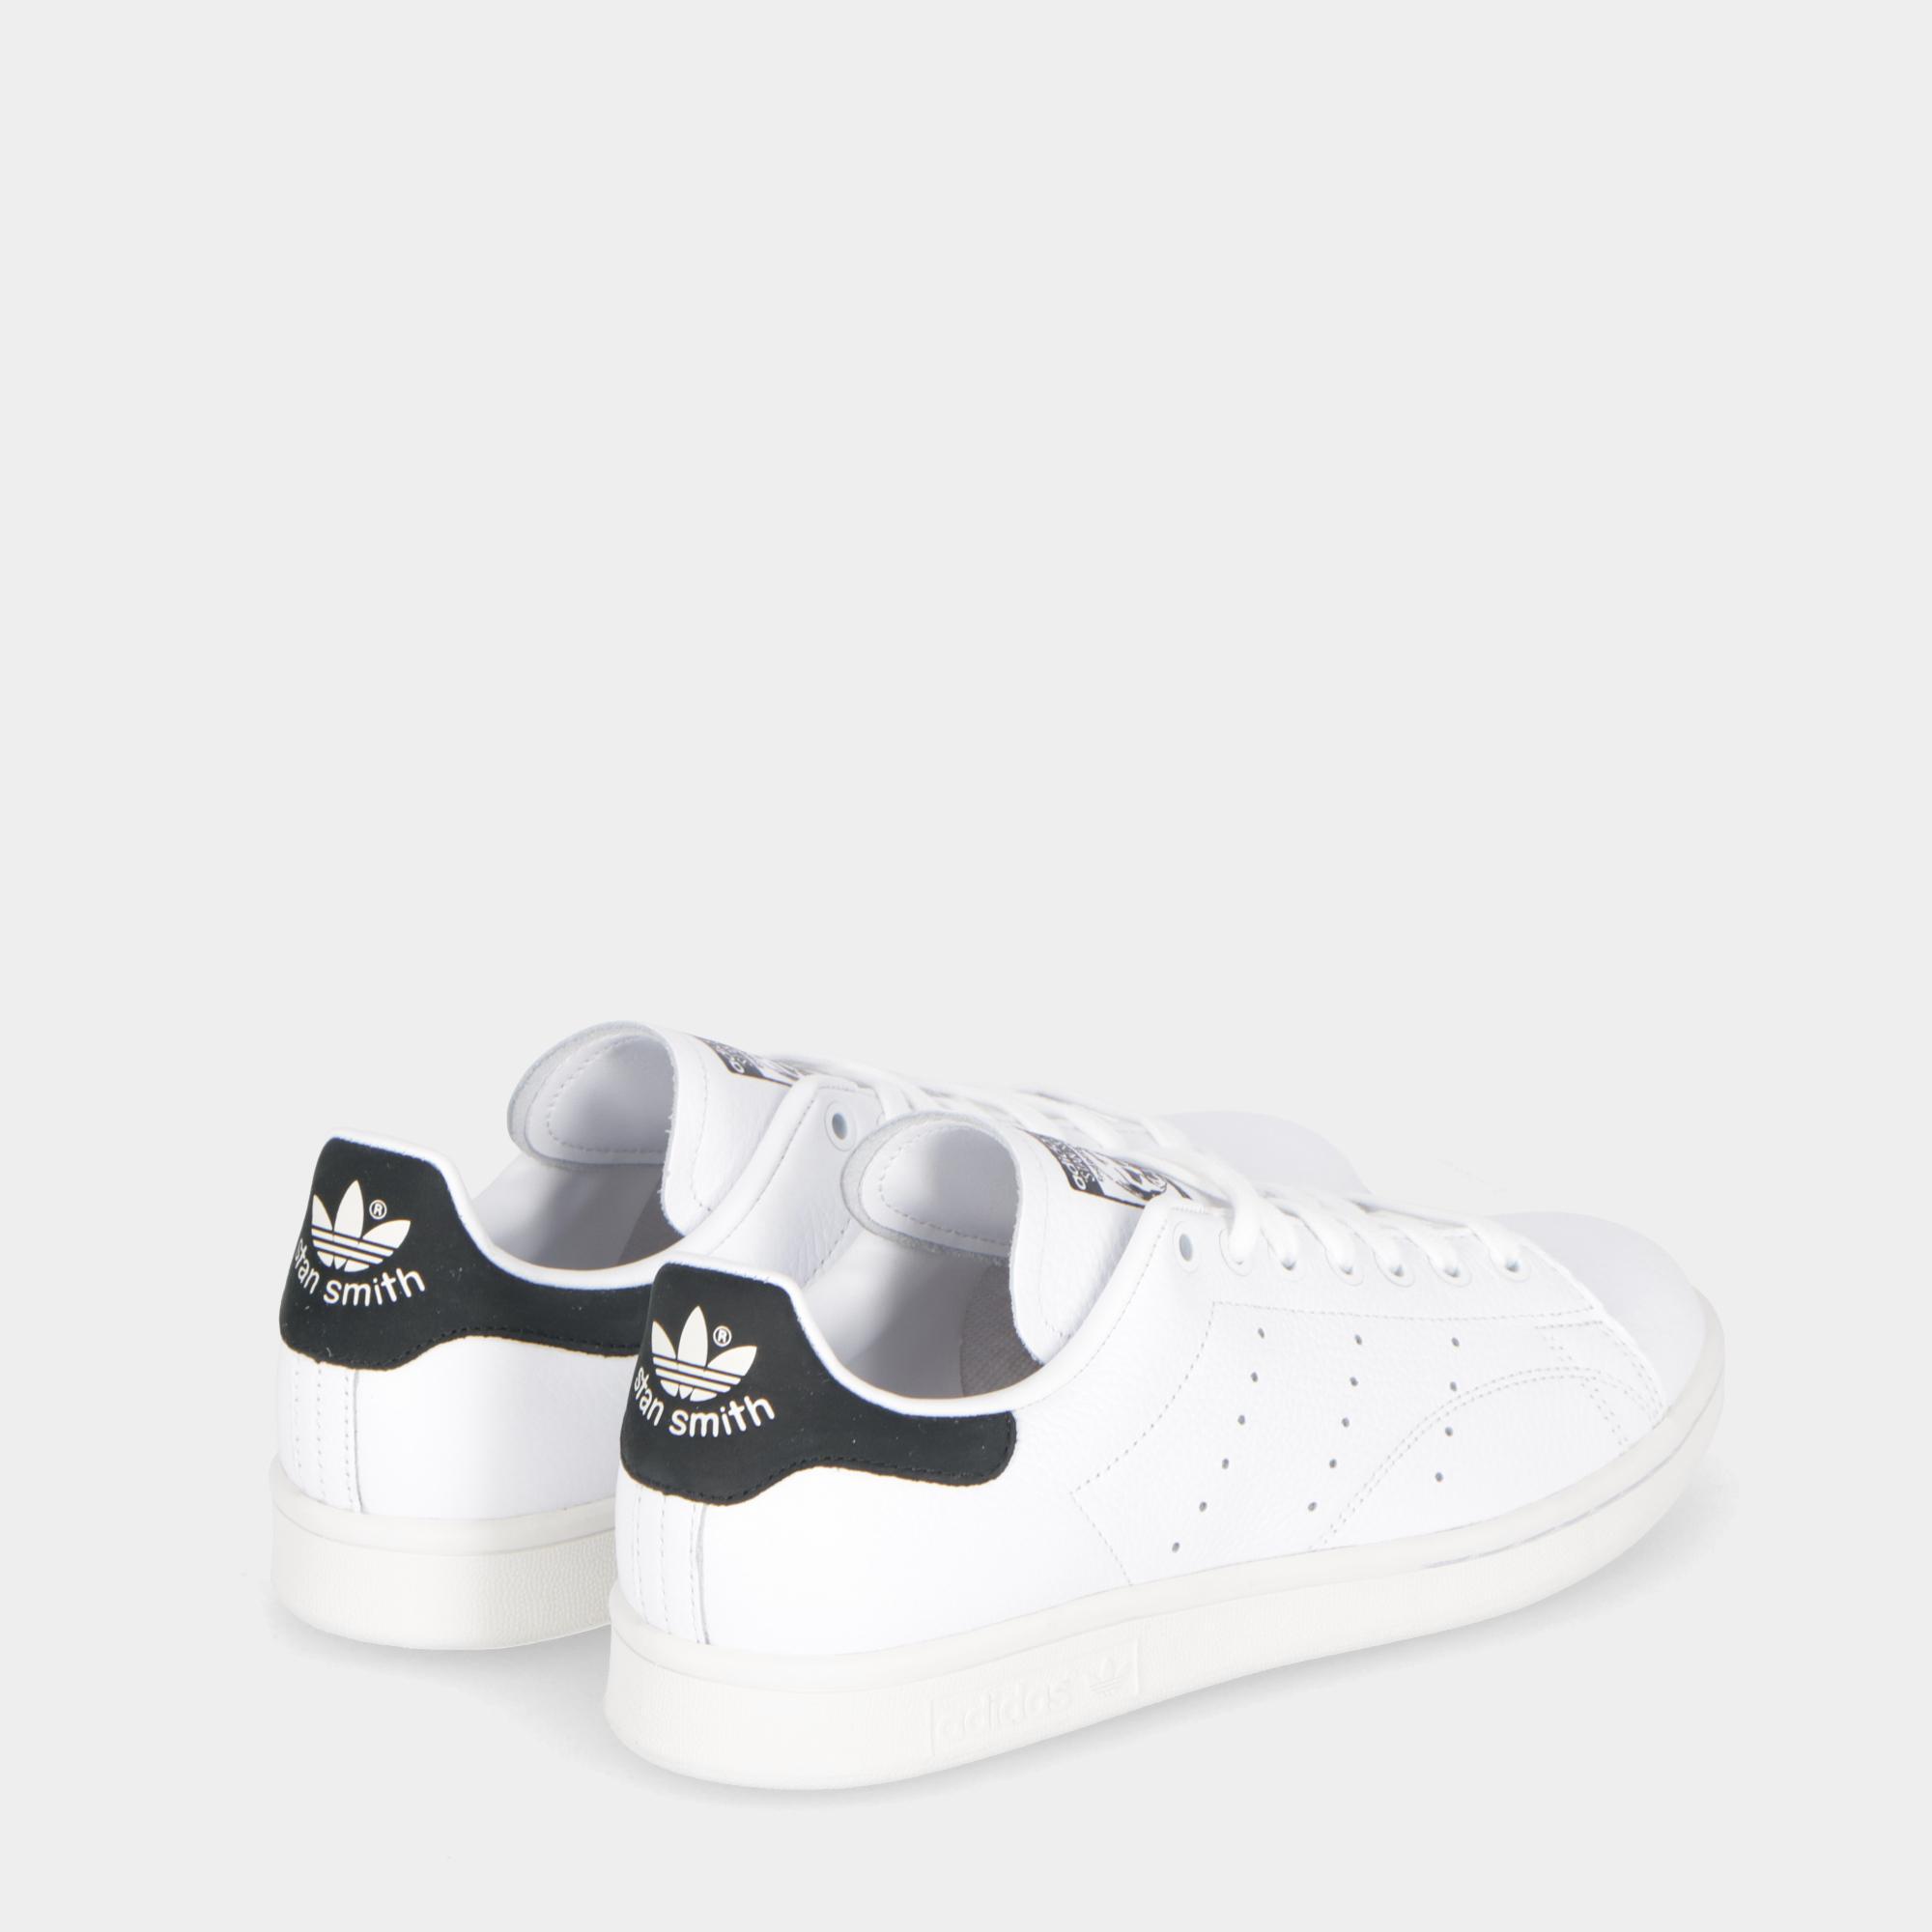 f68965554ee1c Adidas Stan Smith White Black